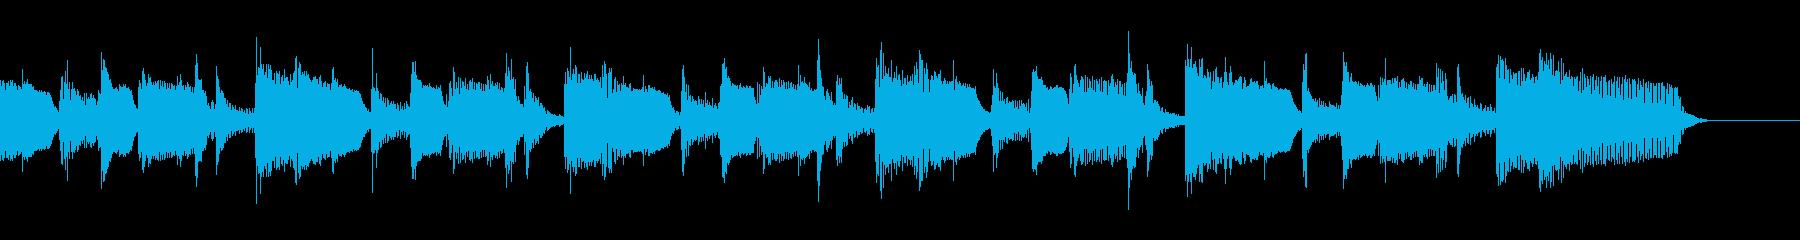 マルガリータ、ミディアムテンポ、ホ...の再生済みの波形